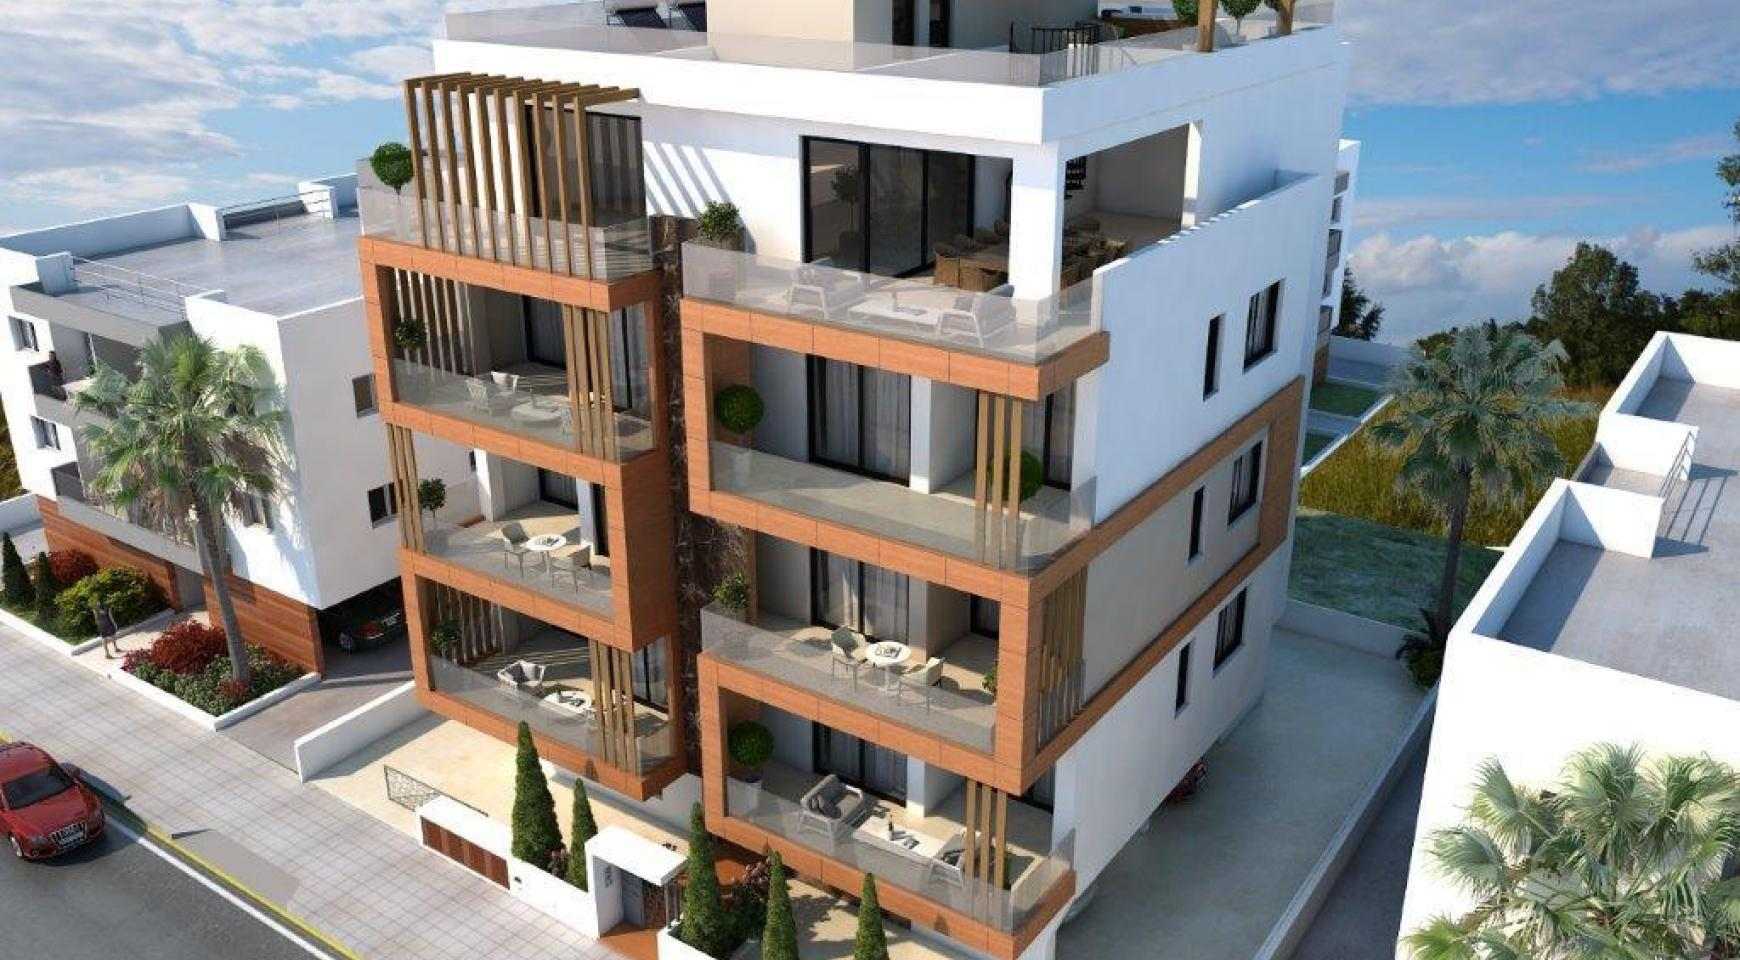 New 2 Bedroom Apartment in Enaerios Area  - 3